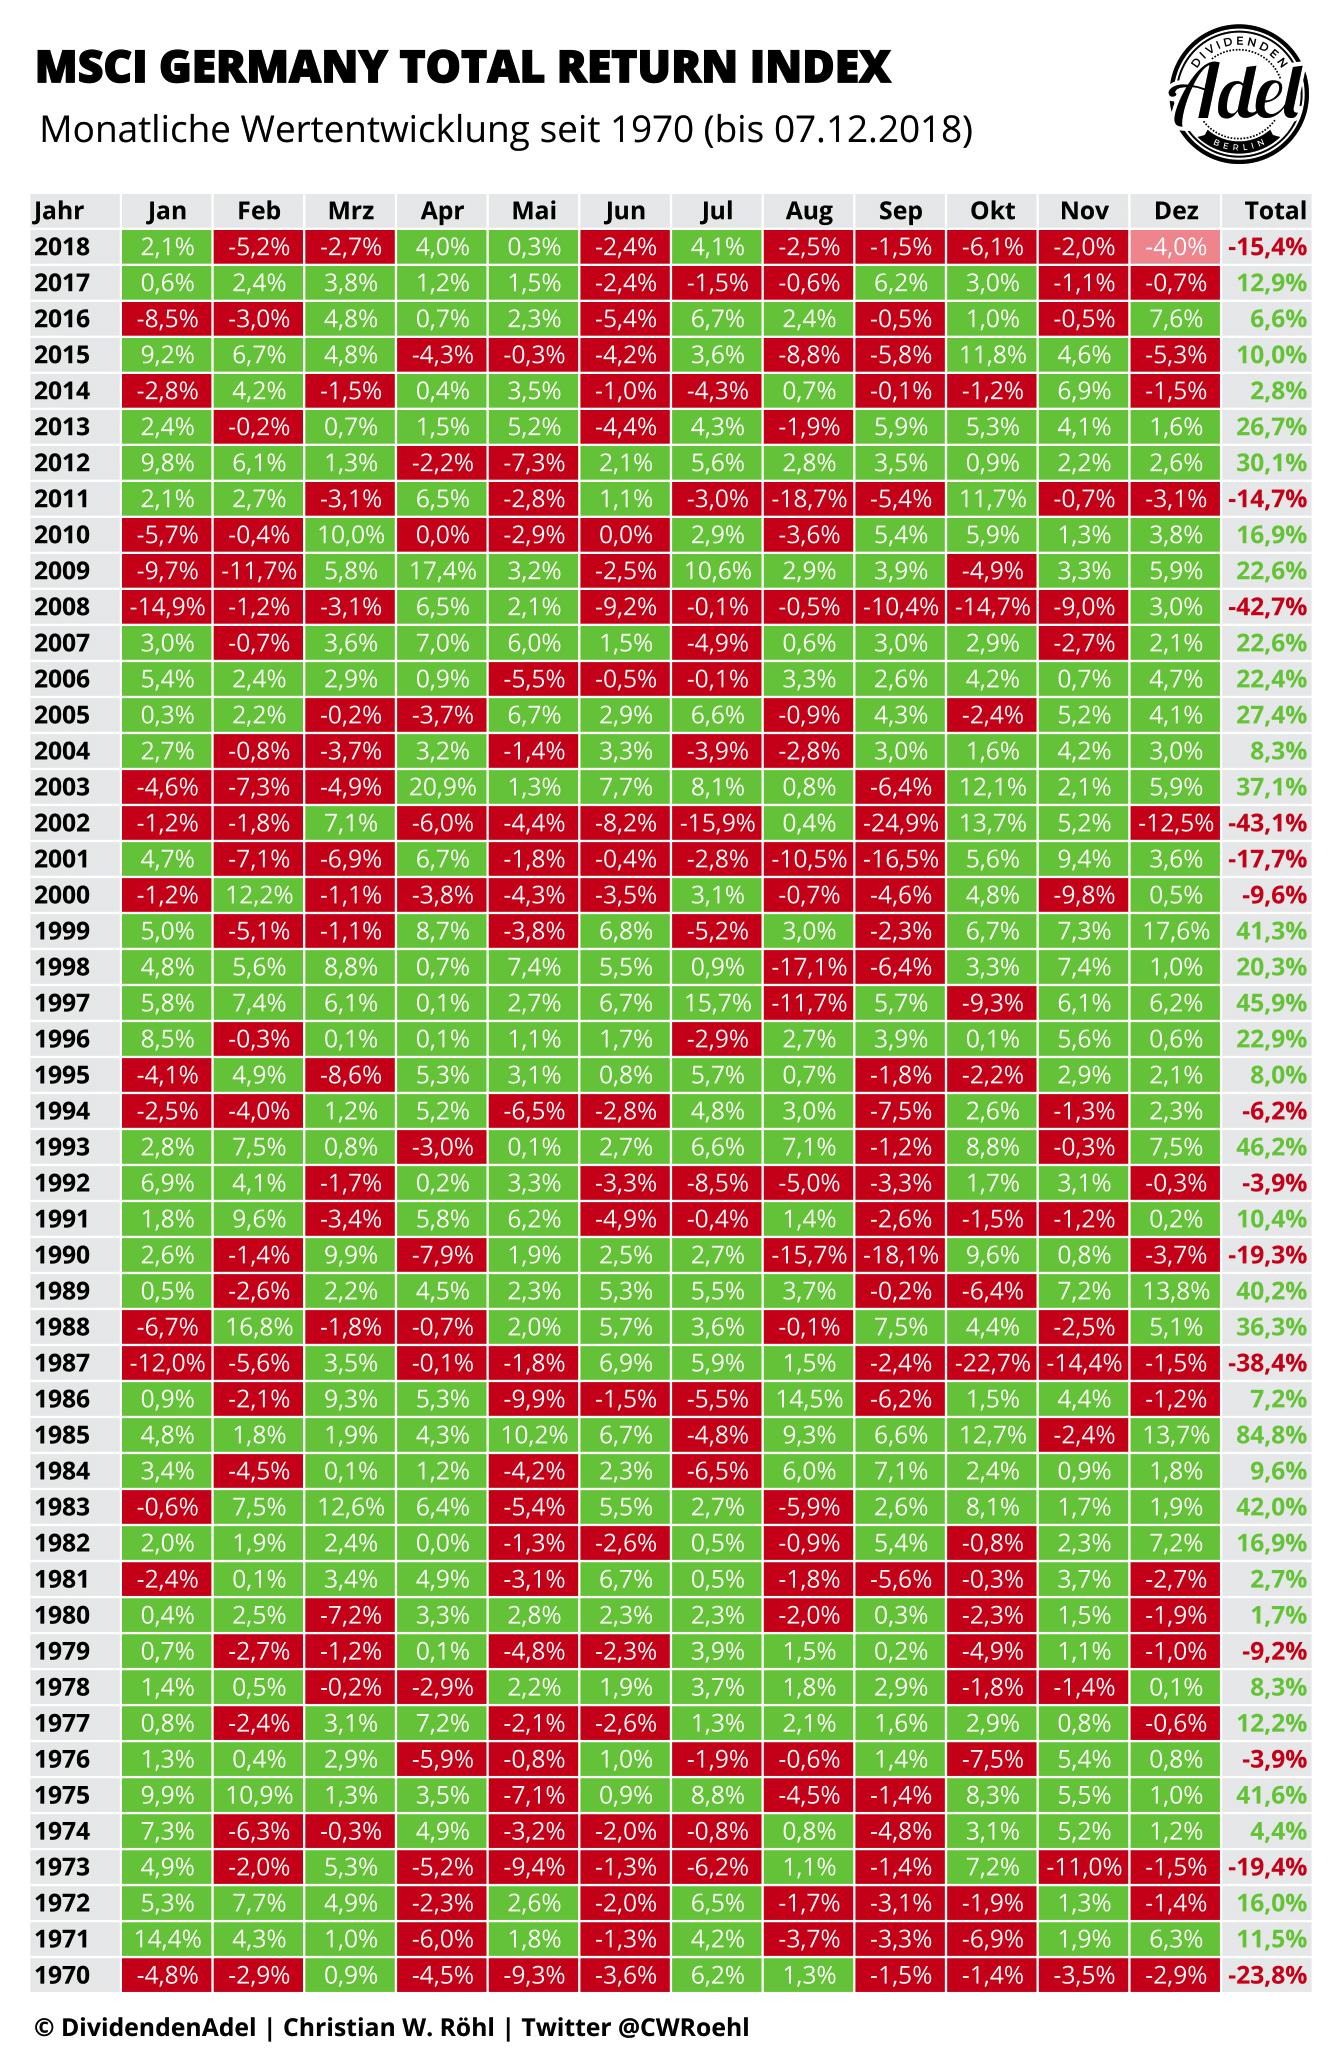 MSCI Germany Monatliche Wertentwicklung seit 1970